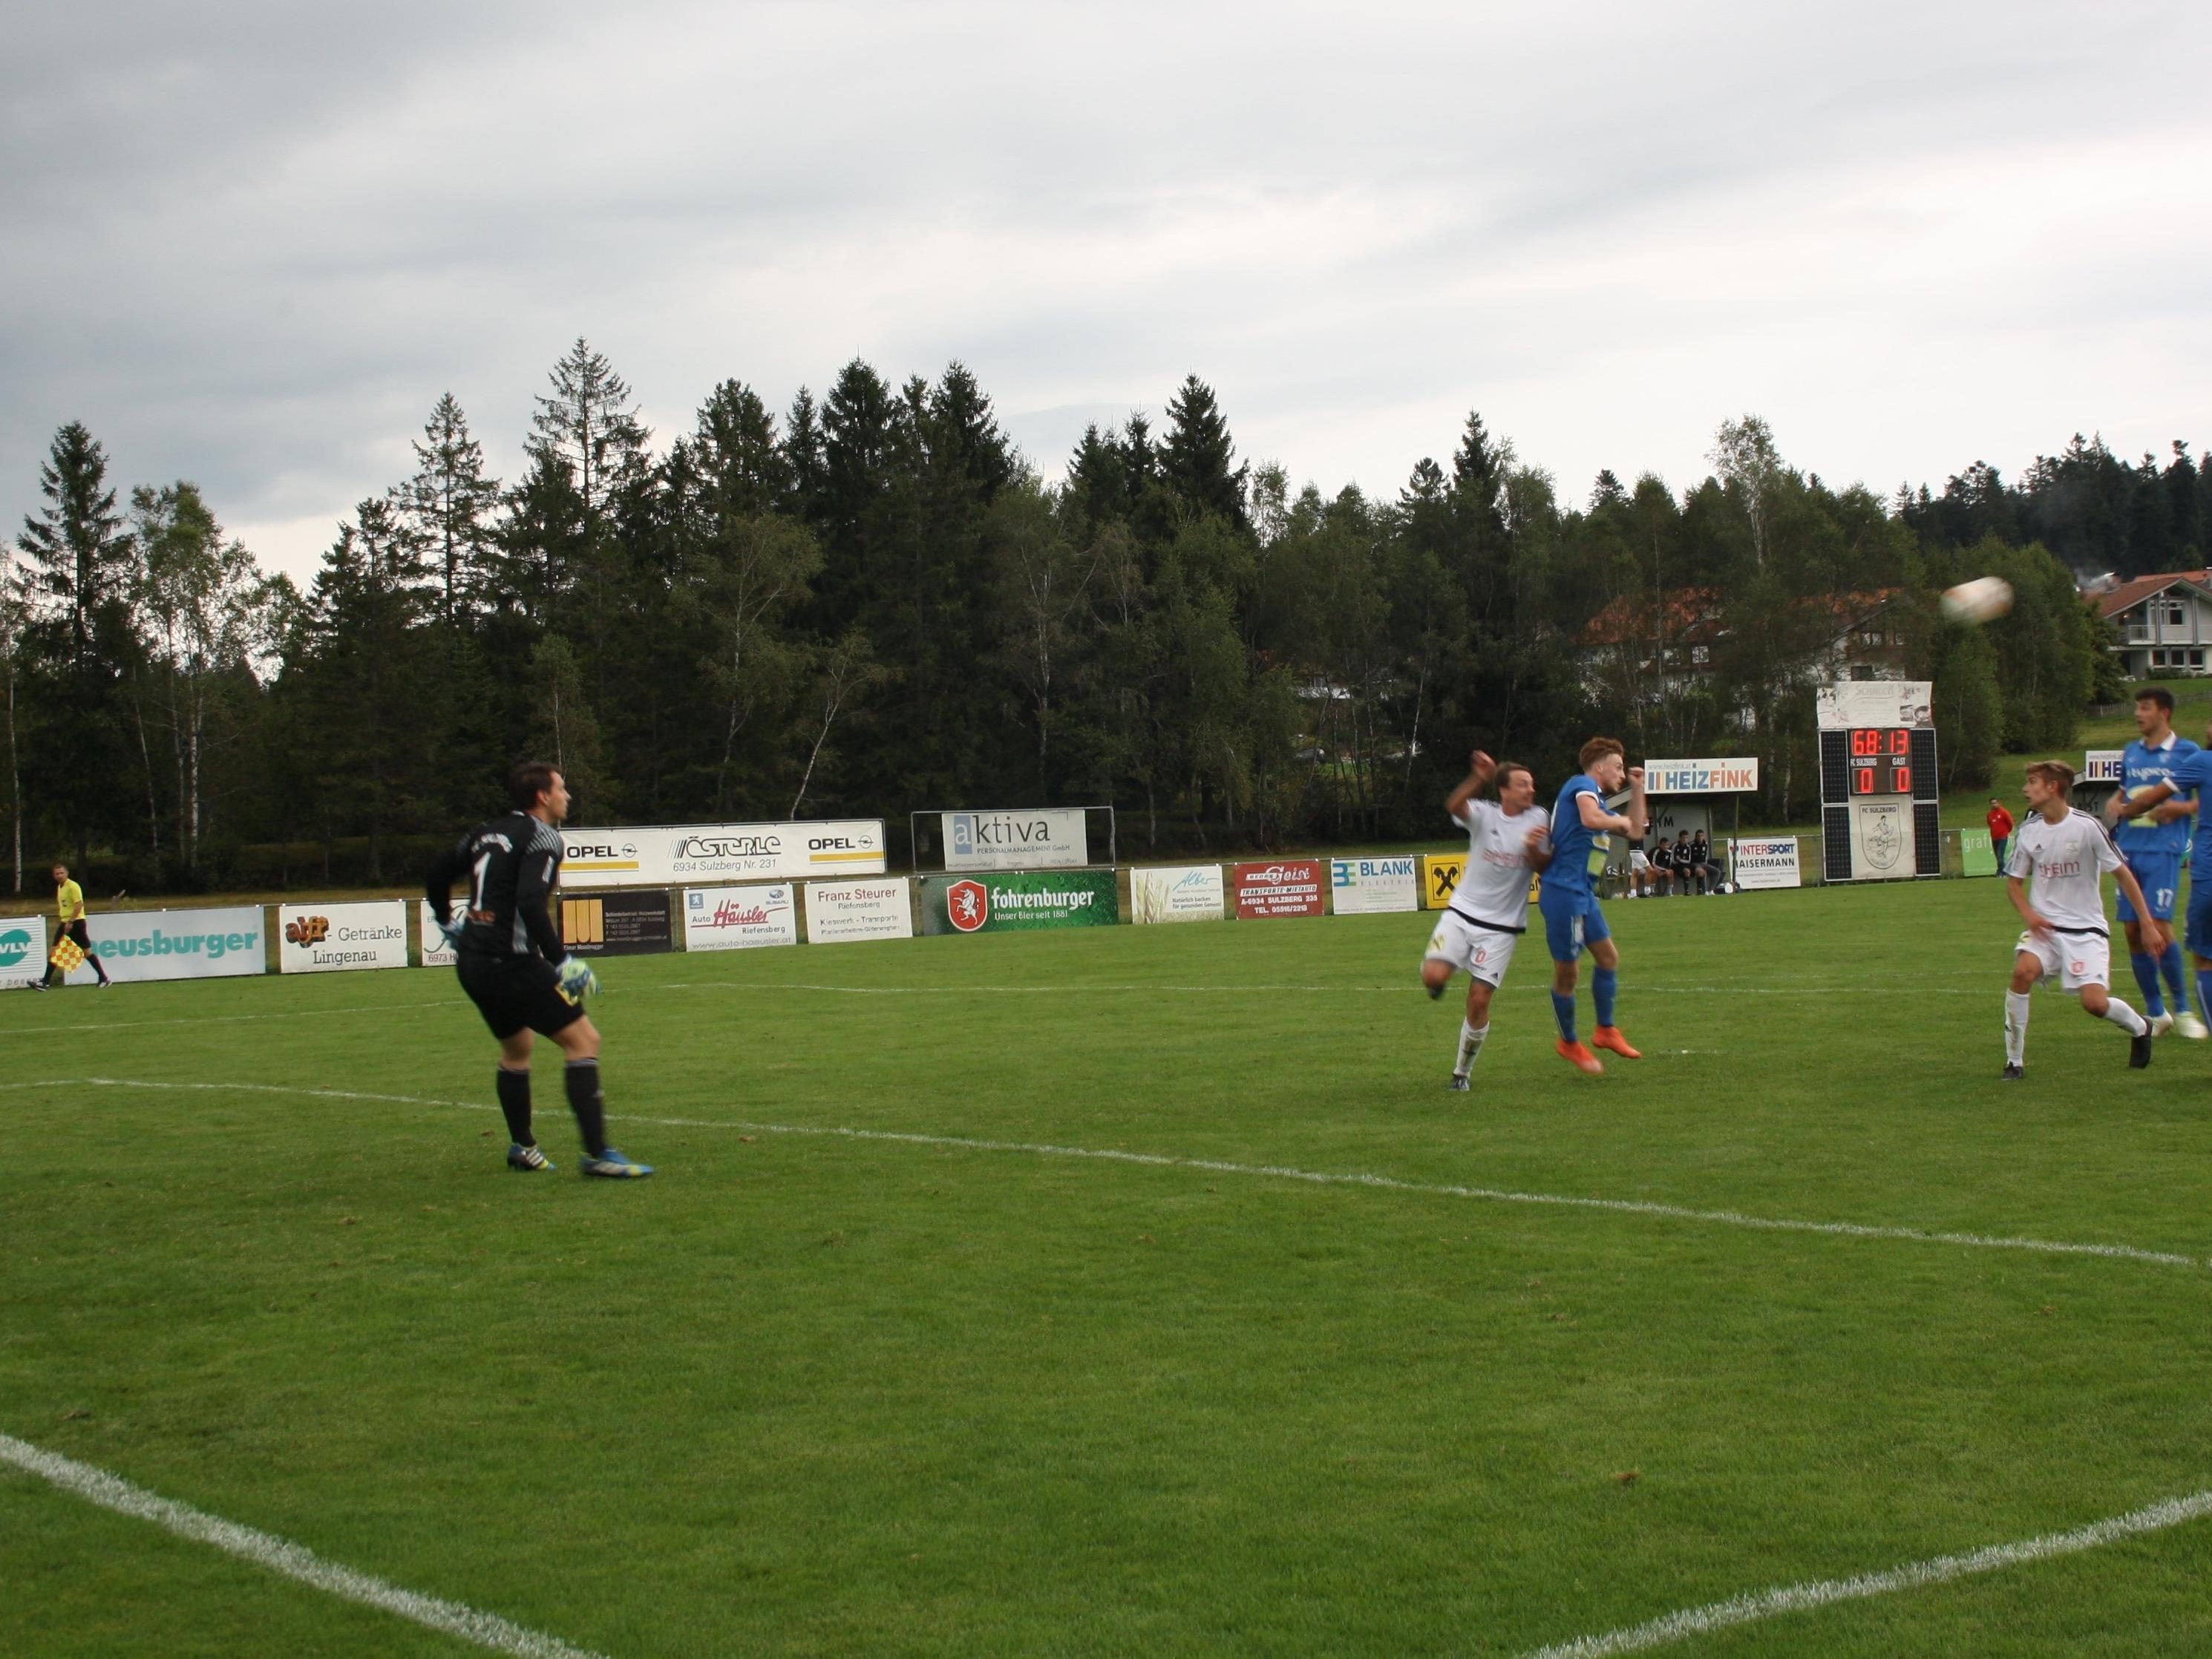 Patrick Prantl (Bildmitte) setzt zum Kopfball an und erzielt in der 68. Minute das Siegestor für den SV Typico Lochau.